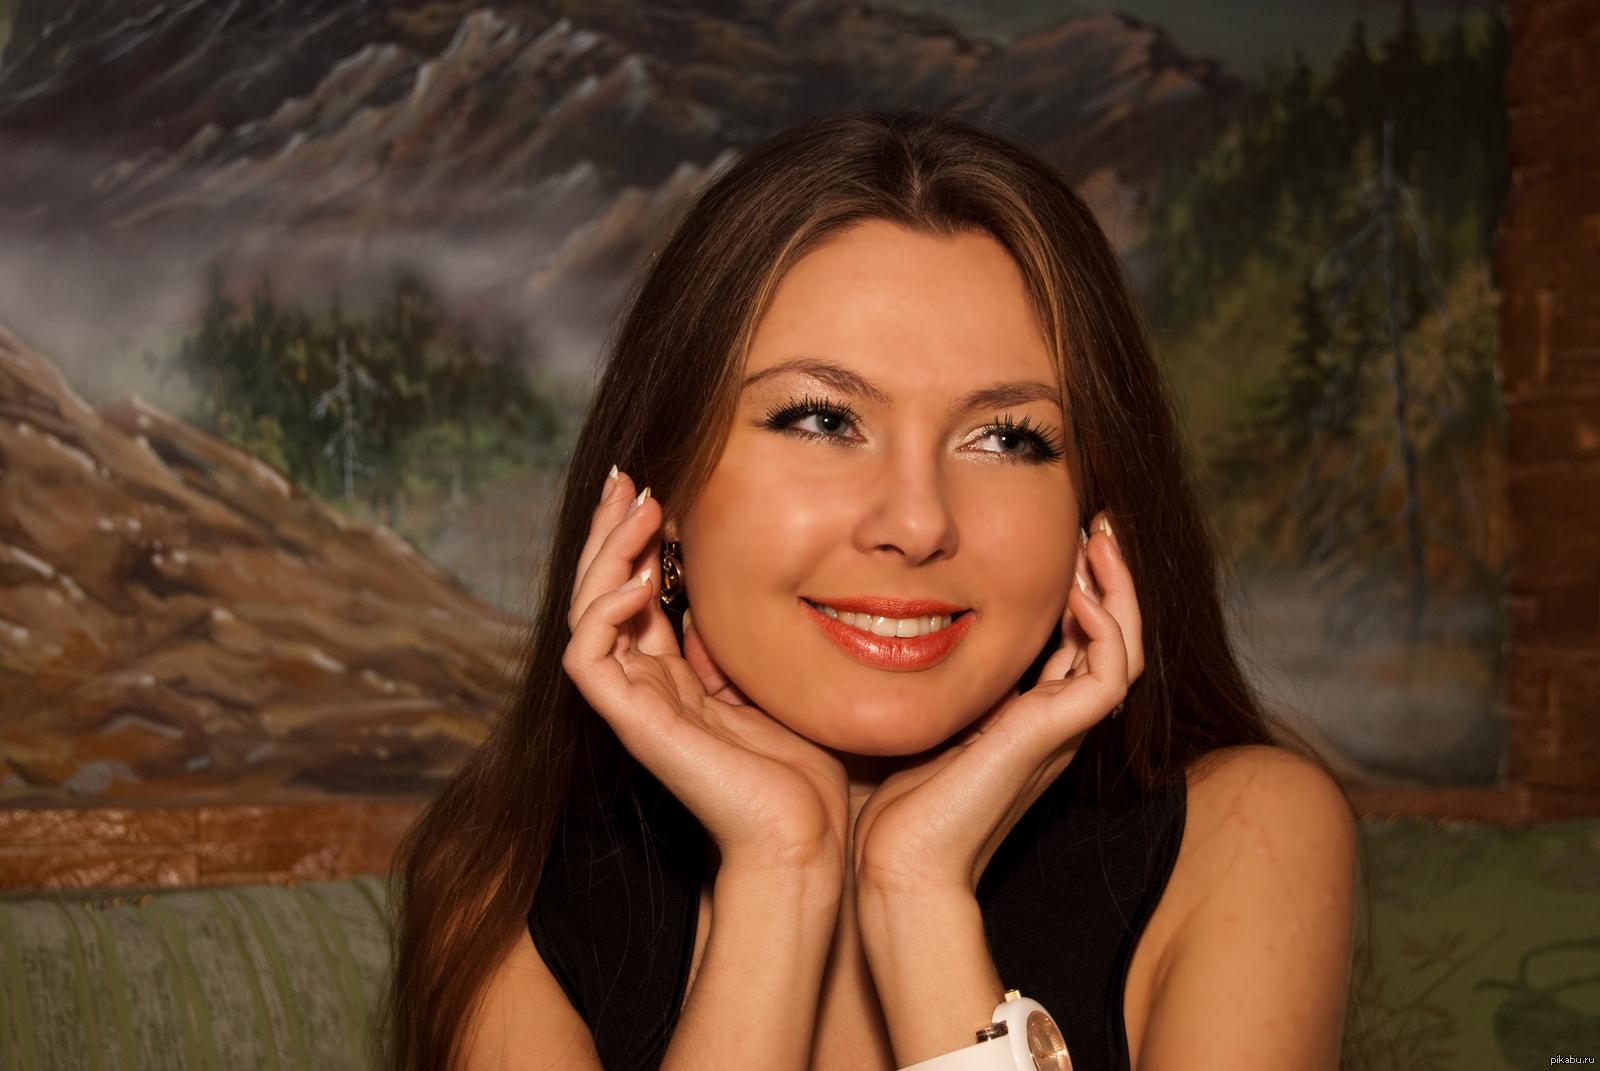 Катя веб модель высокооплачиваемая работа для девушек симферополь